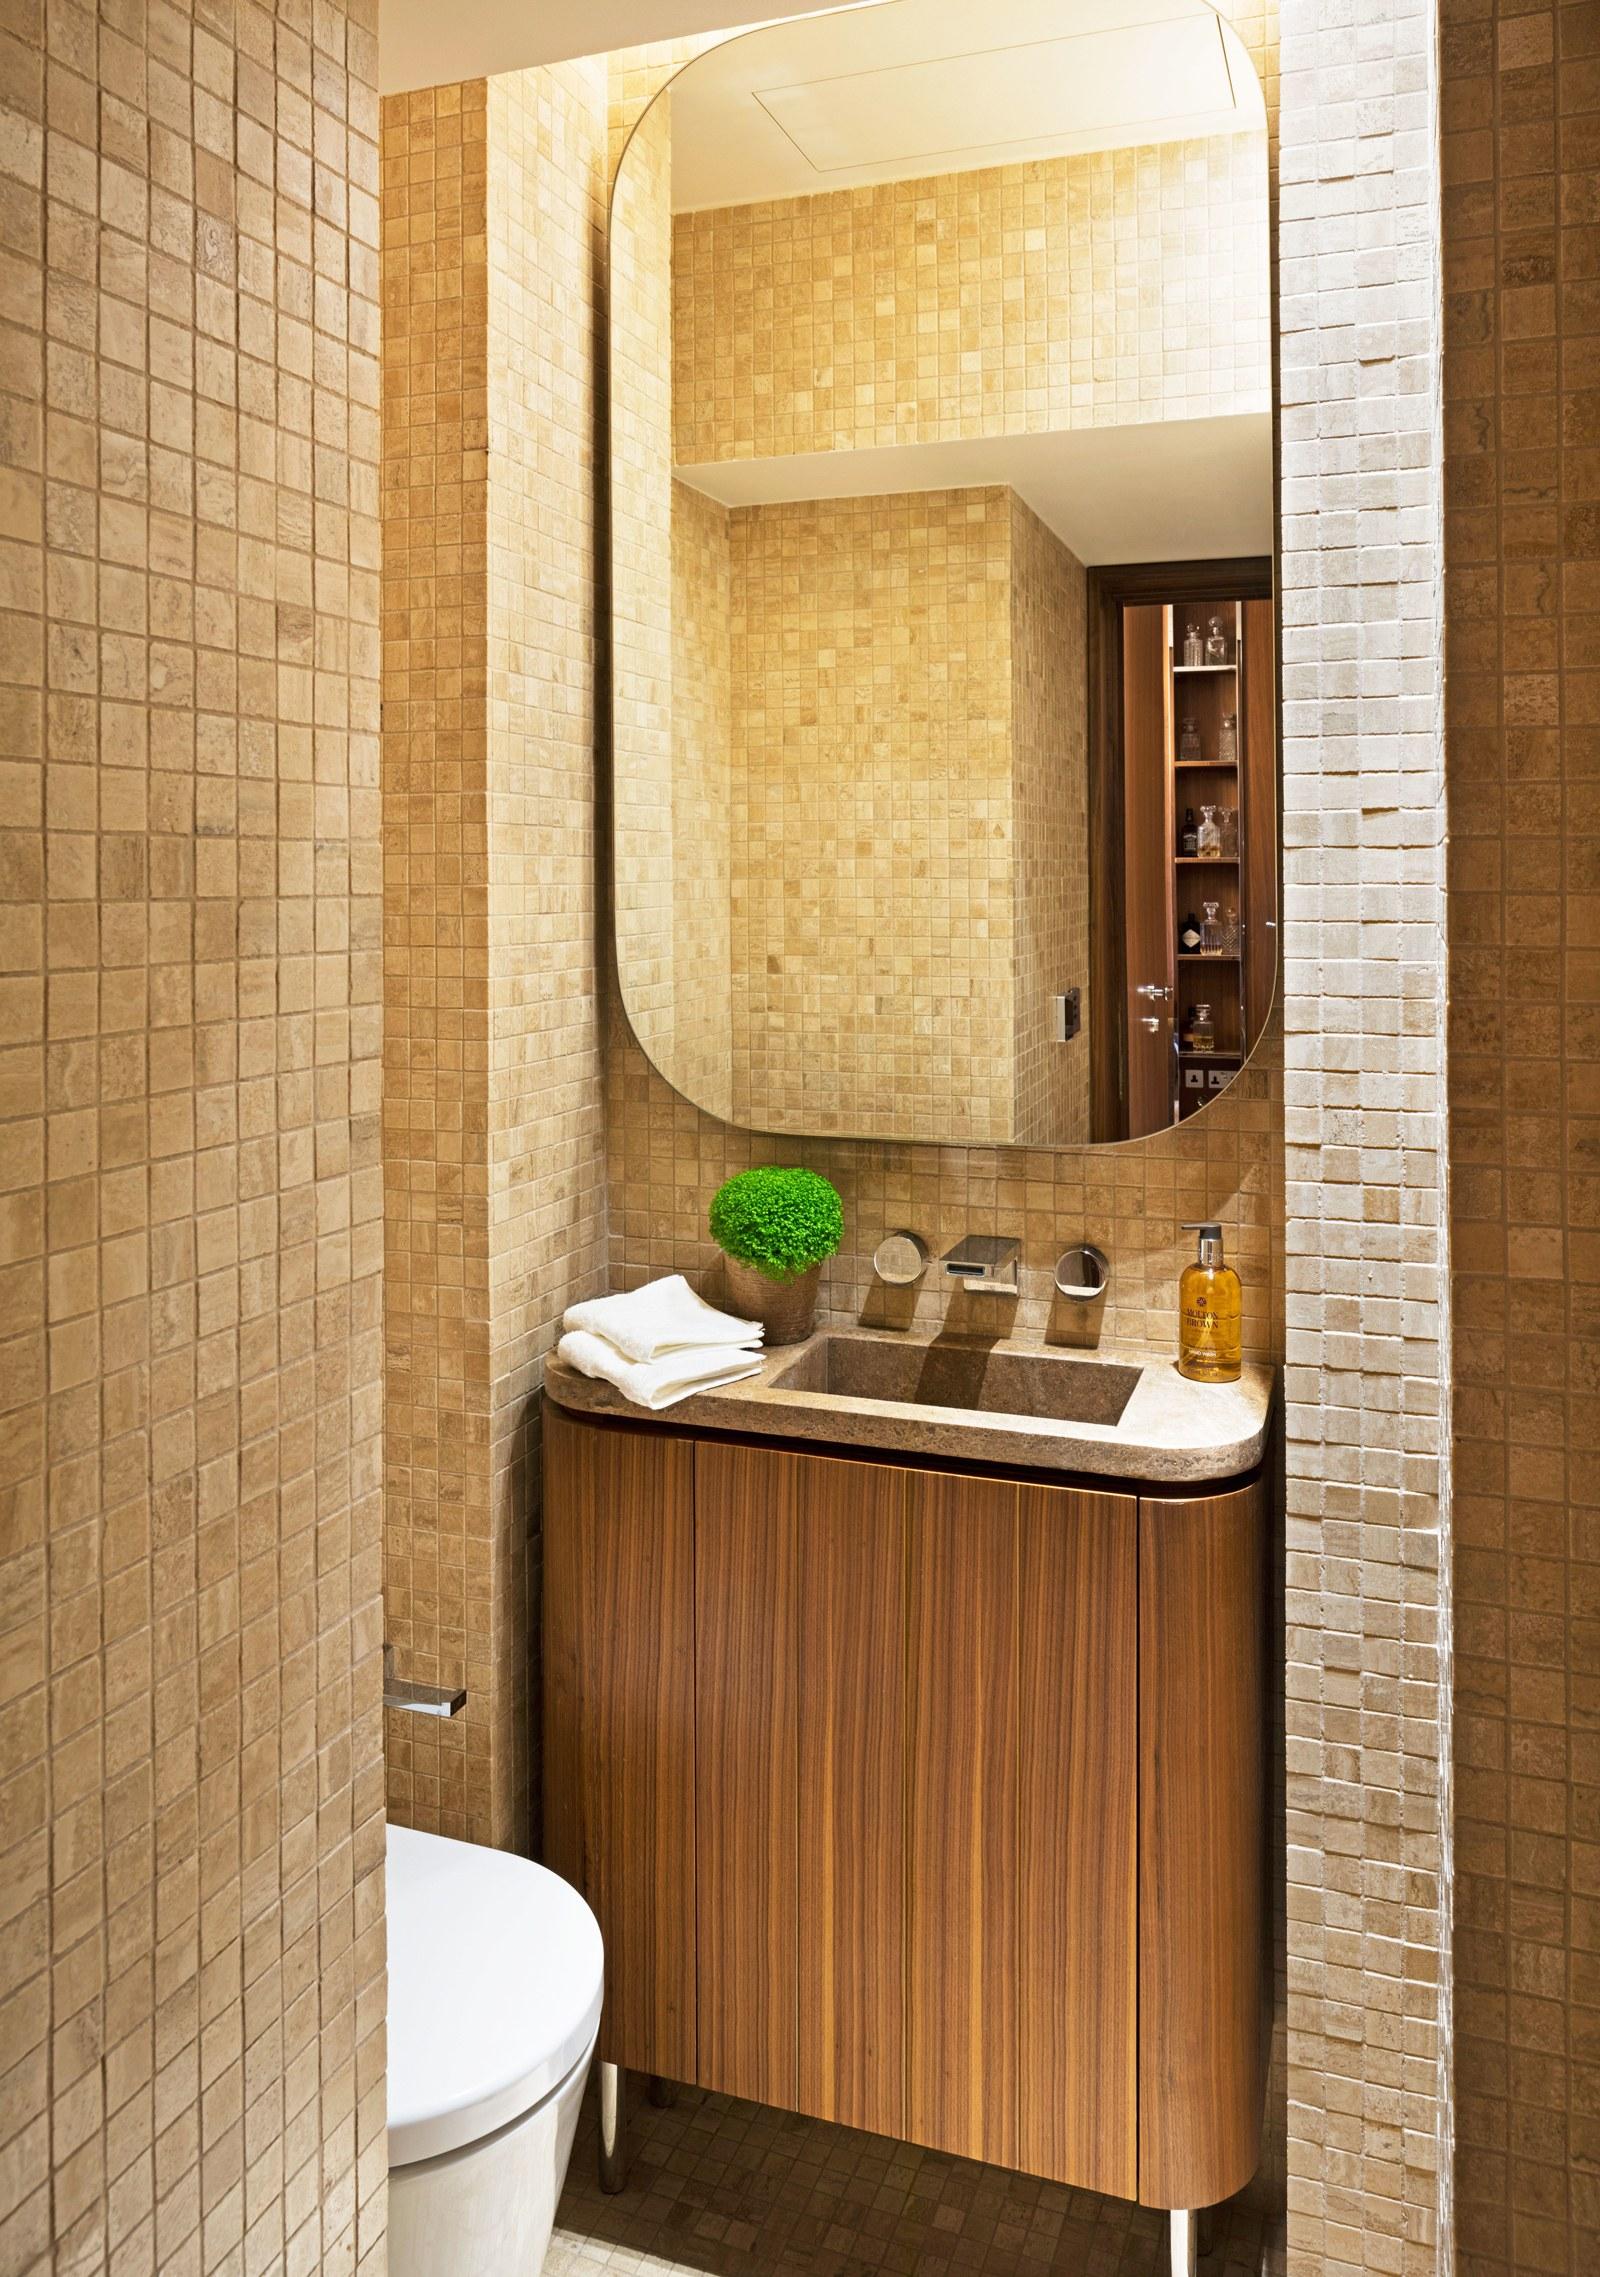 A great Modern home design by Chakib Richani modern home A great Modern home design by Chakib Richani london chakib richani house tour AD 08